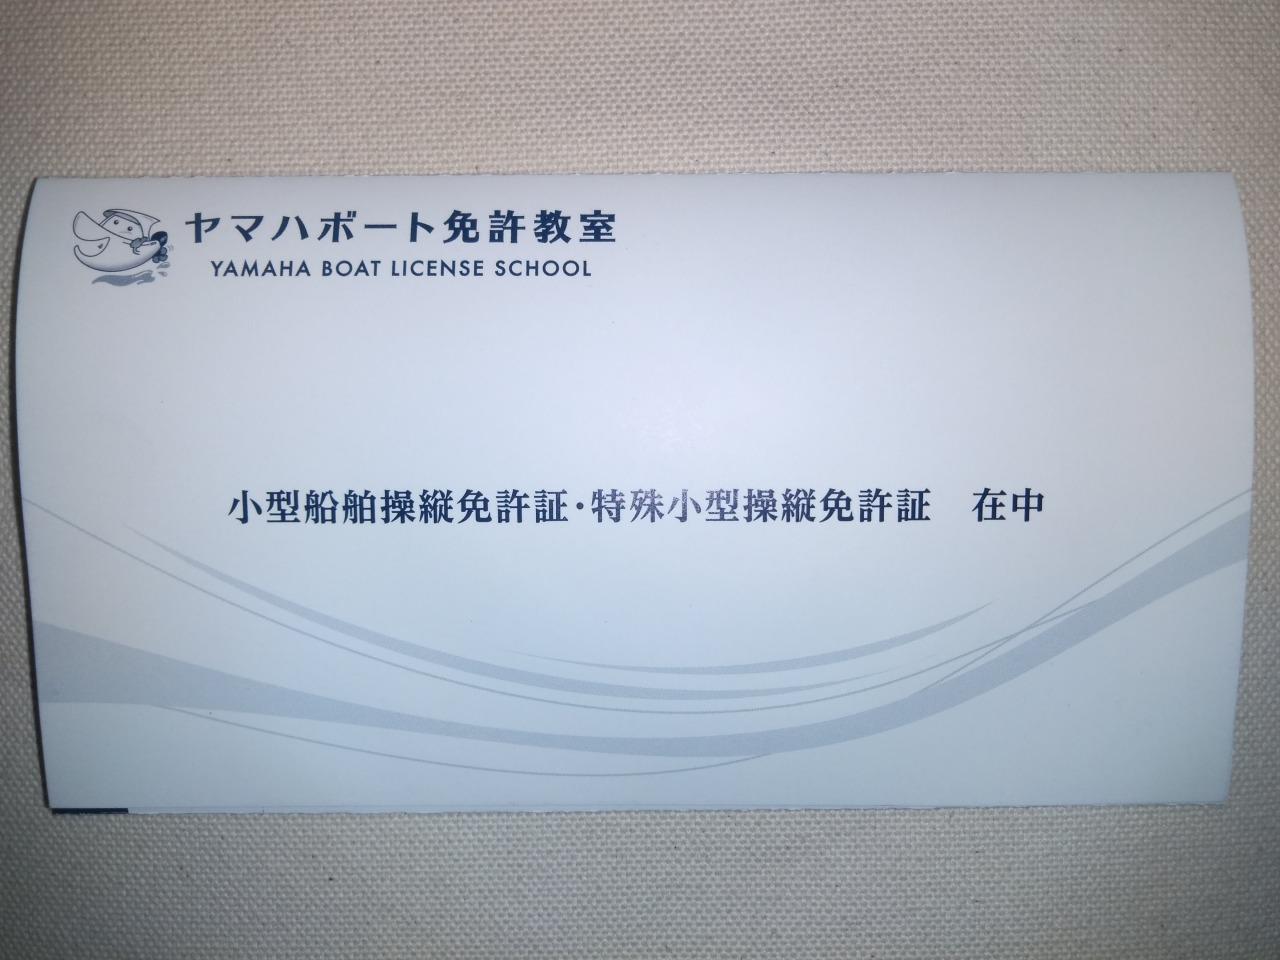 ヤマハボート免許教室の小型船舶免許送付書類